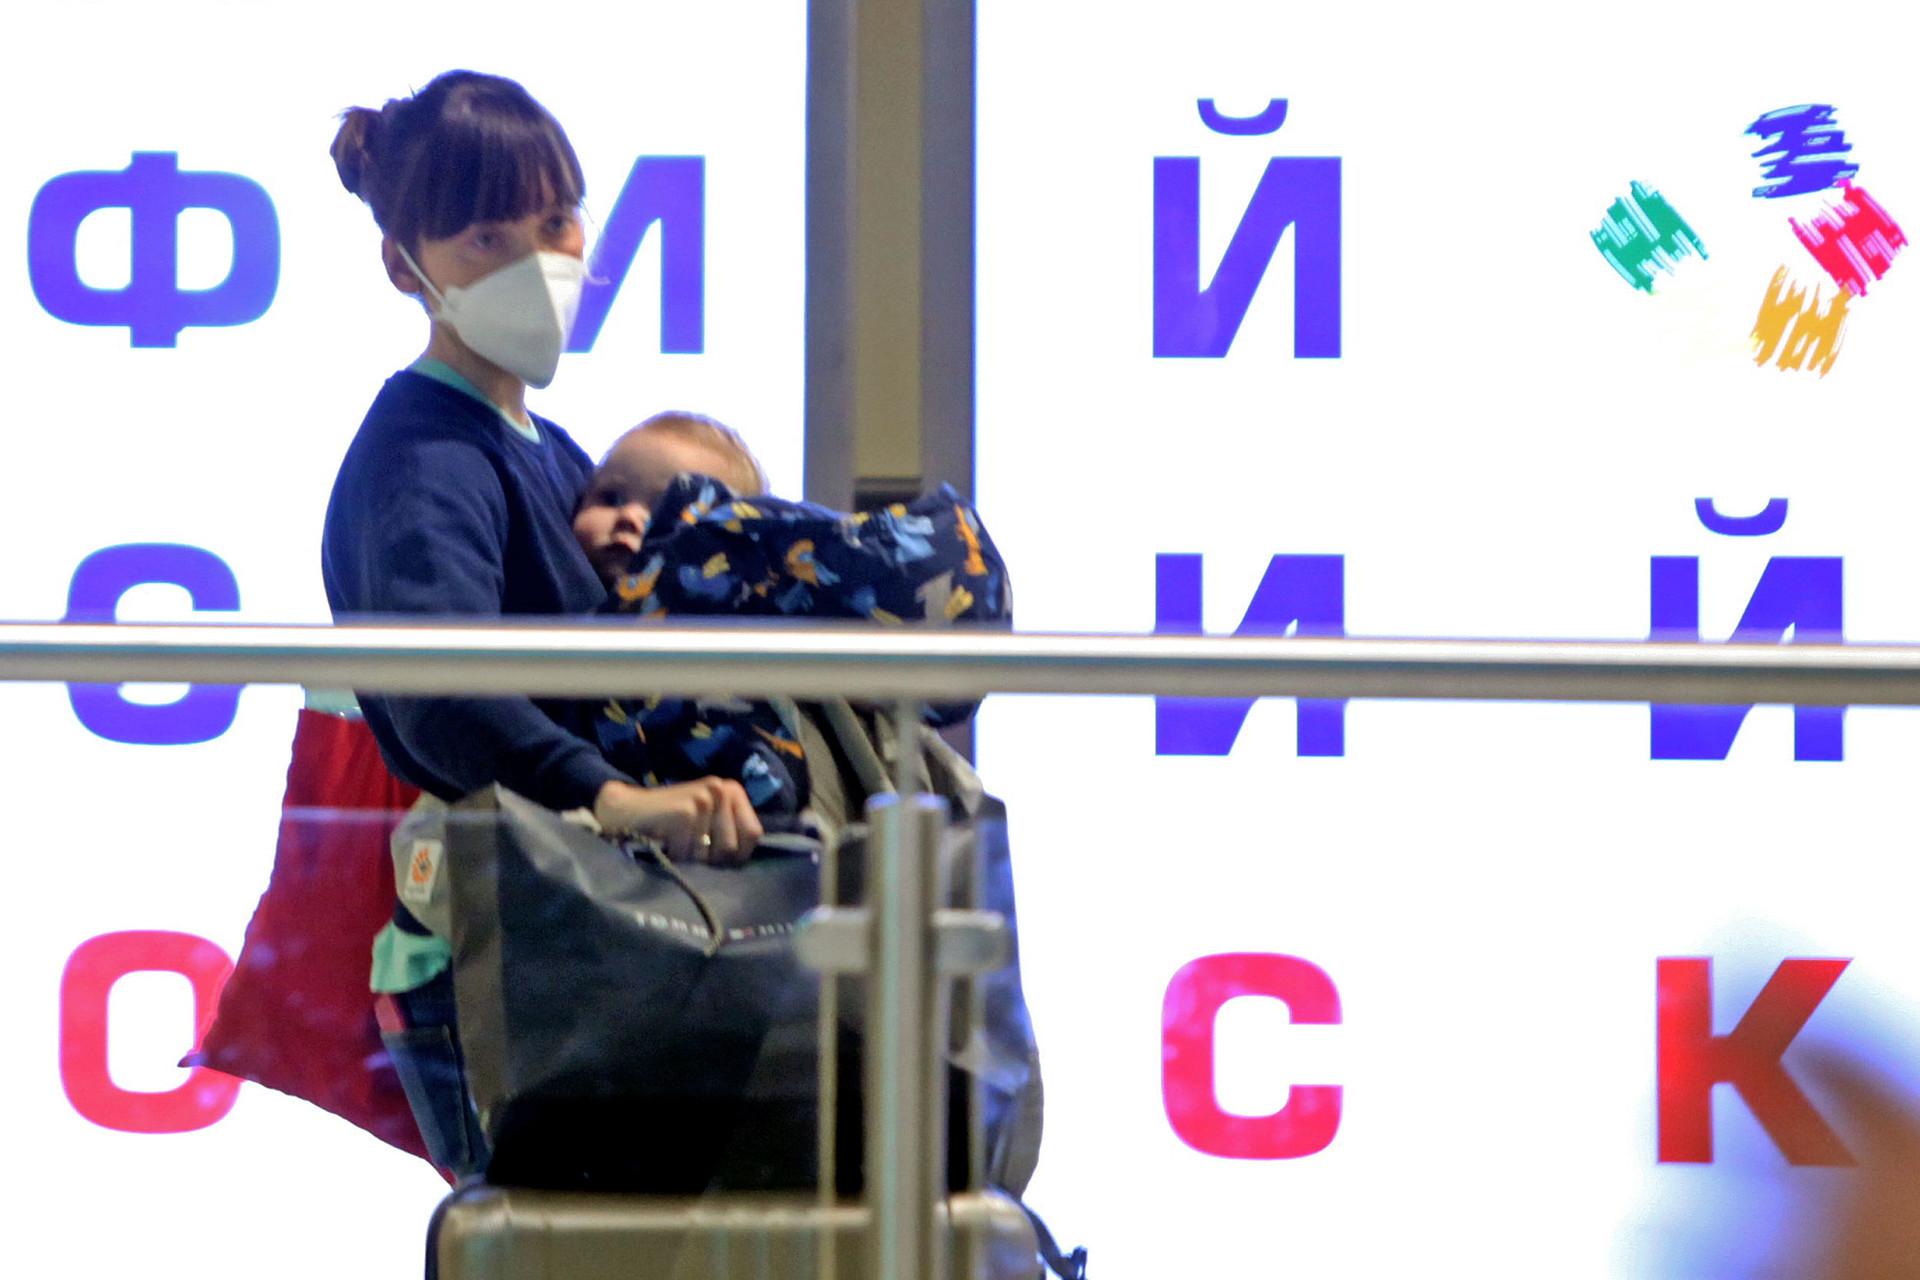 Seorang penumpang keluar dari pintu kedatangan internasional Bandara Domodedovo, Rabu (18/3).